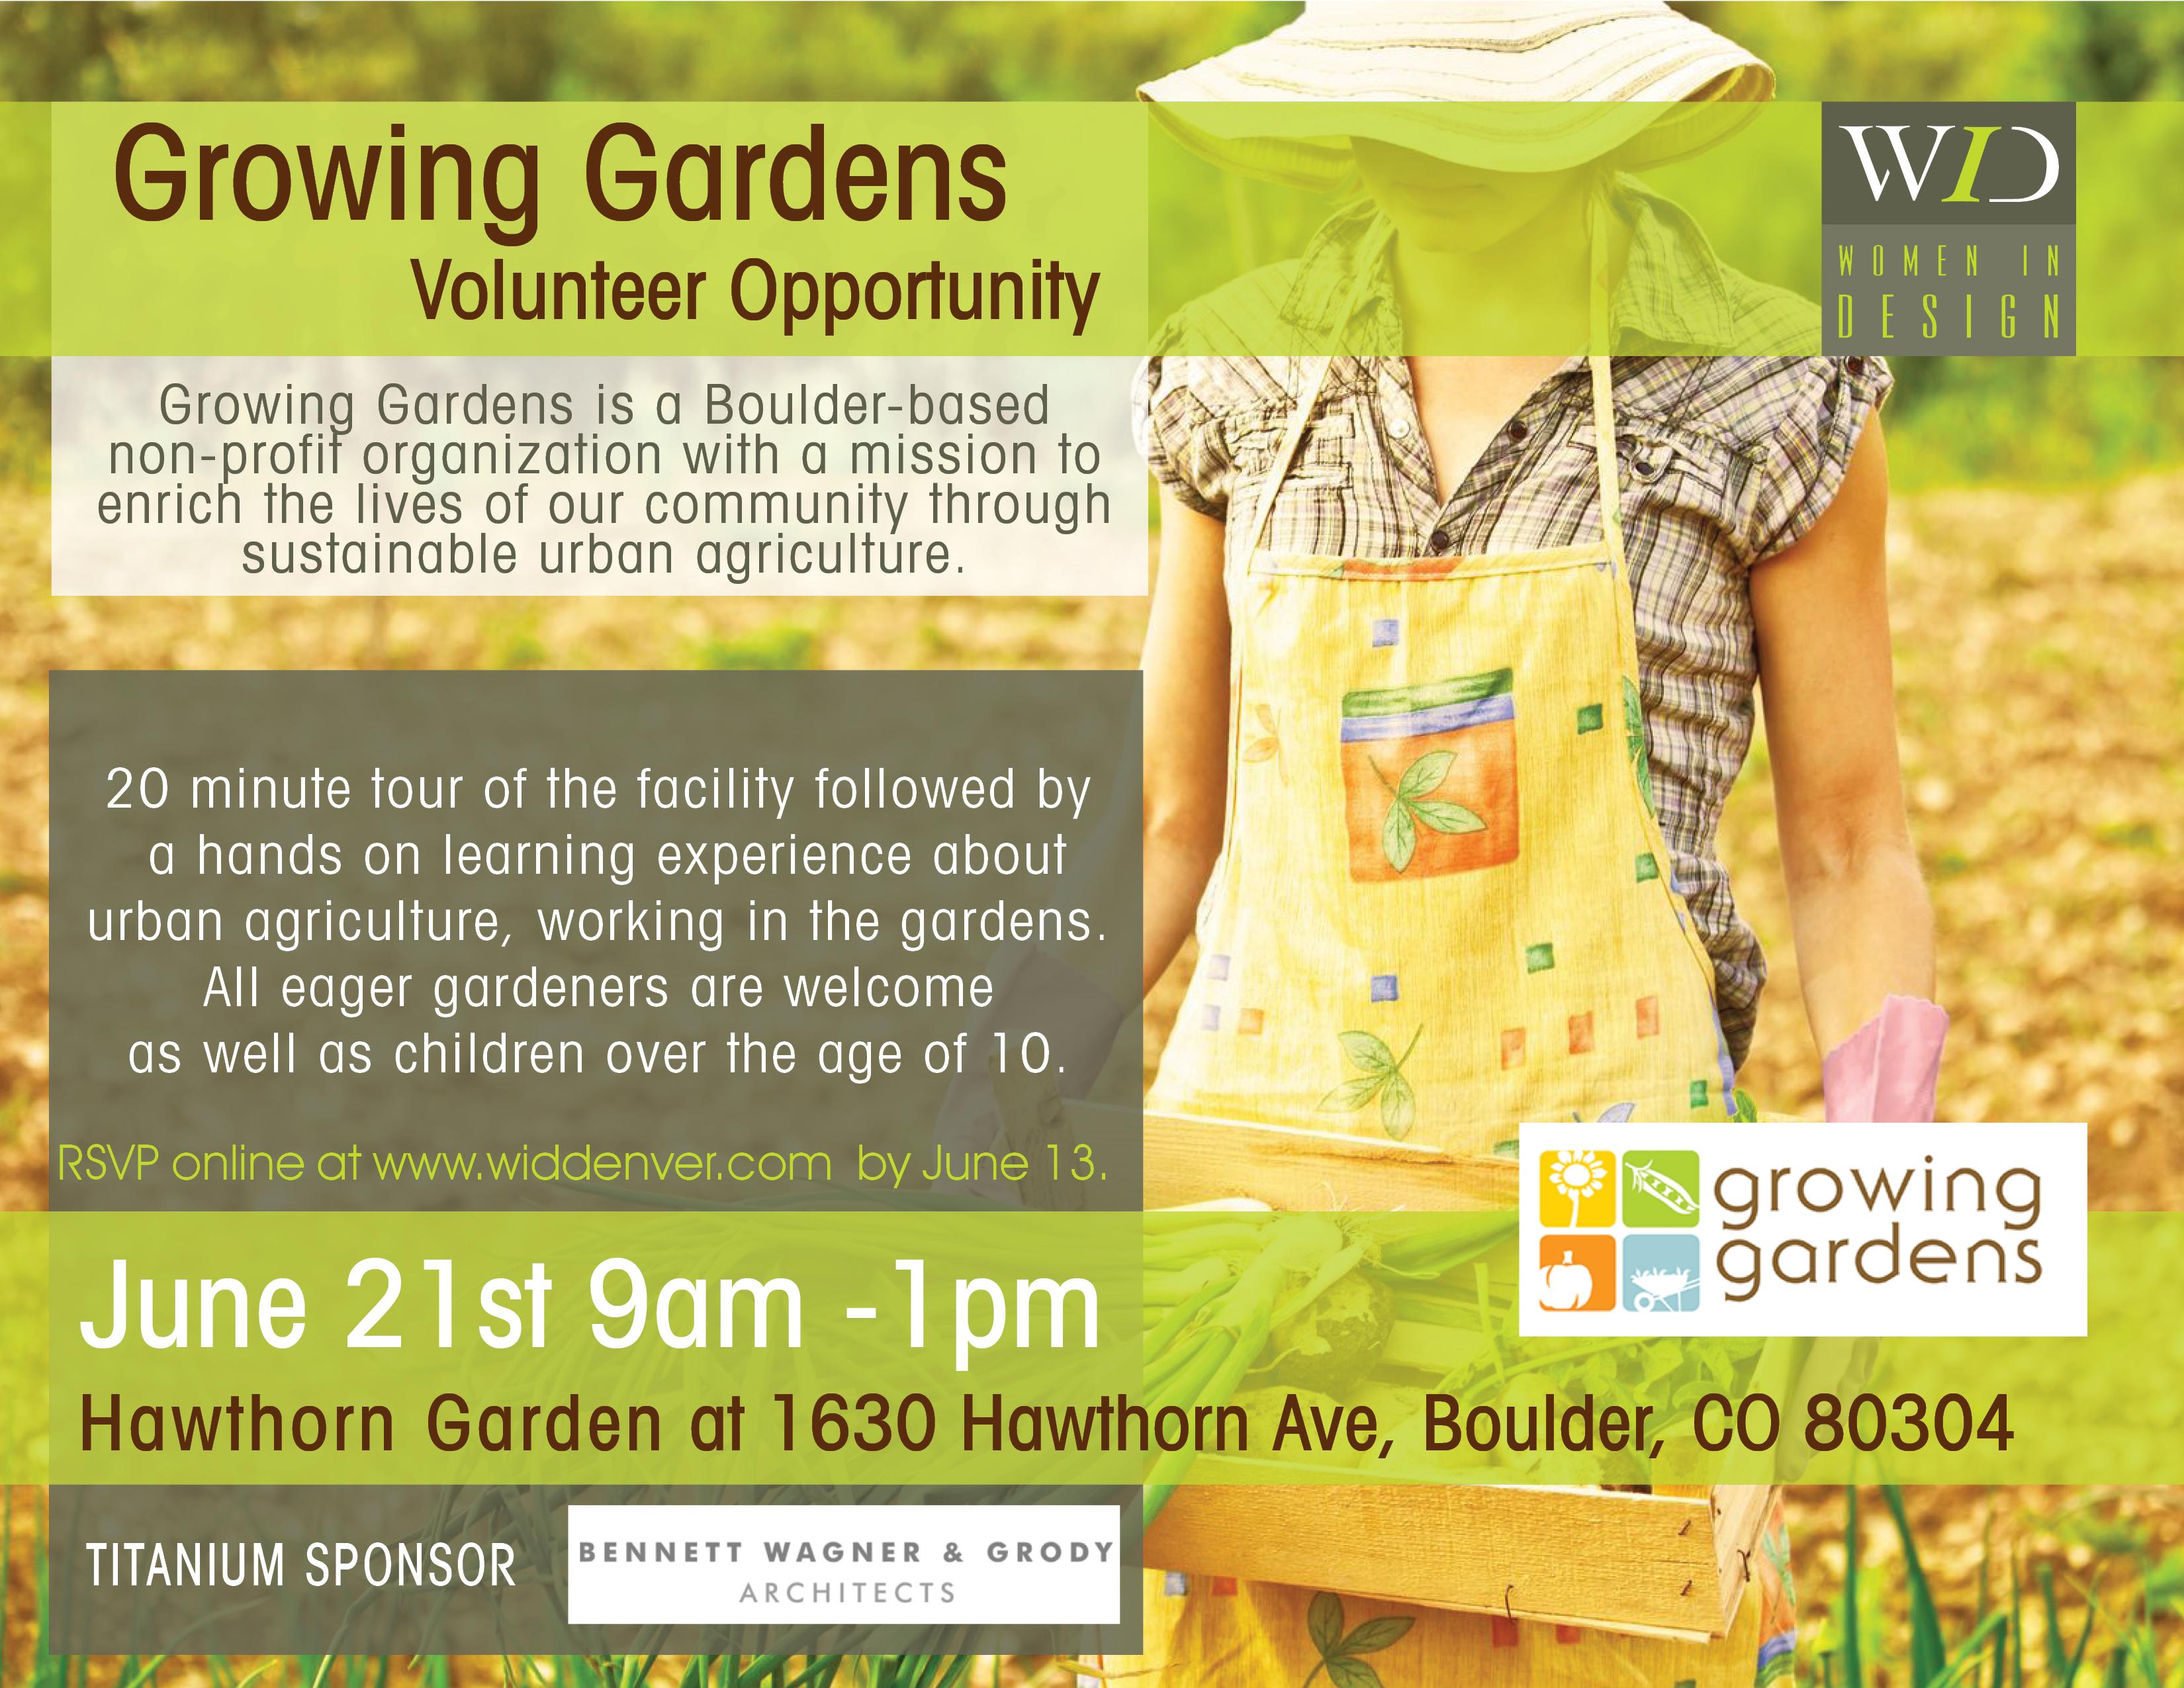 Women In Design – Growing Gardens Volunteer Event